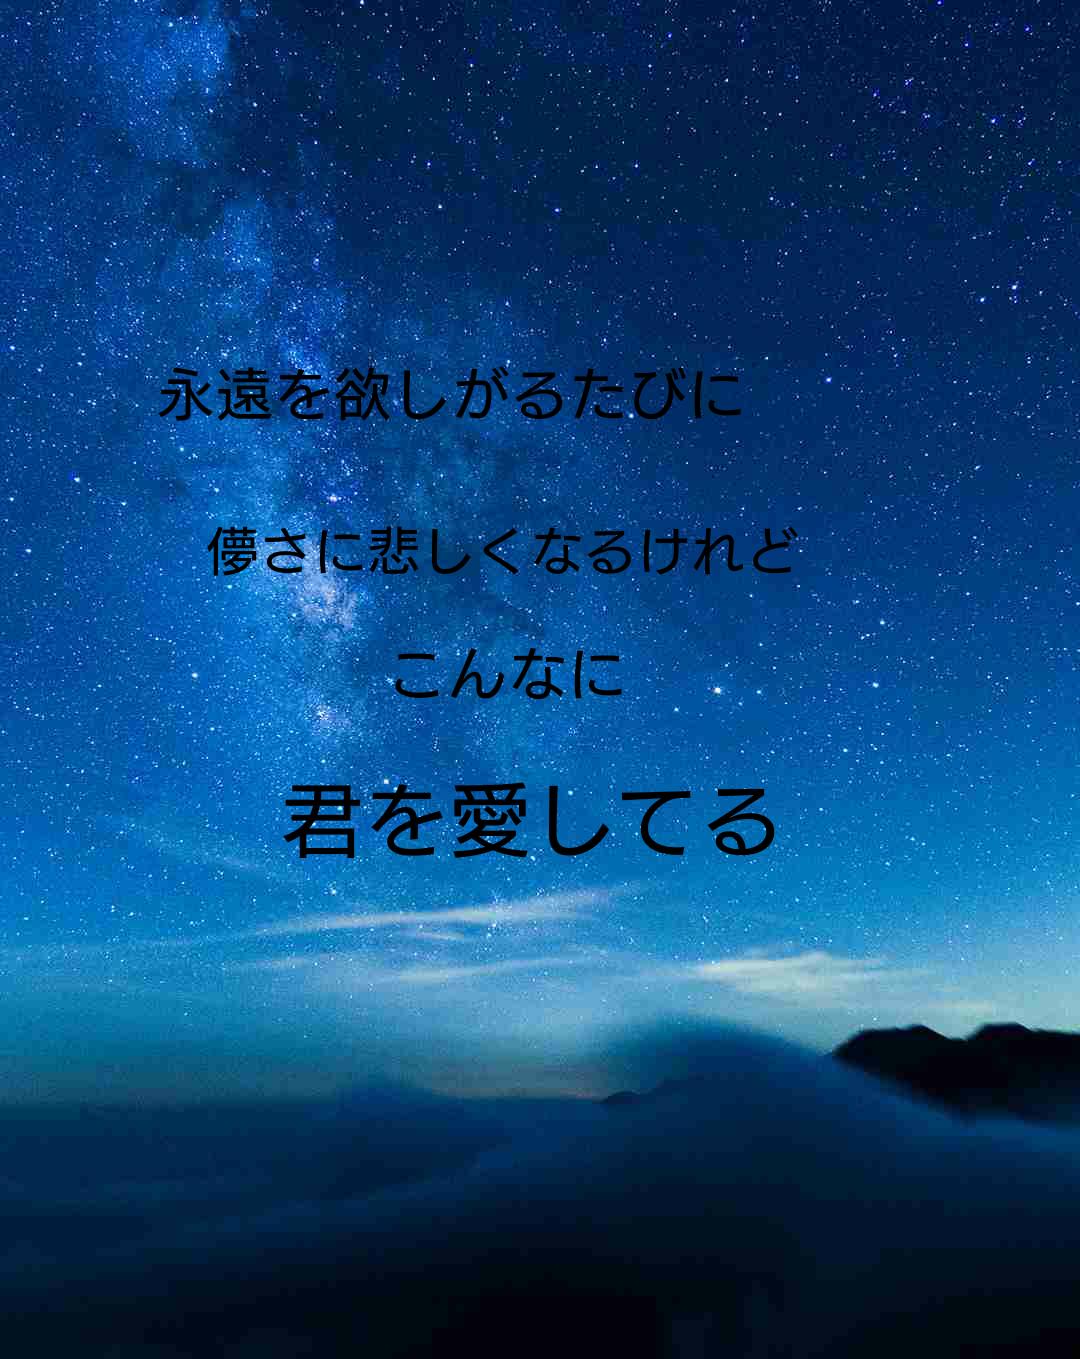 【春】切ない思い出【別れ】